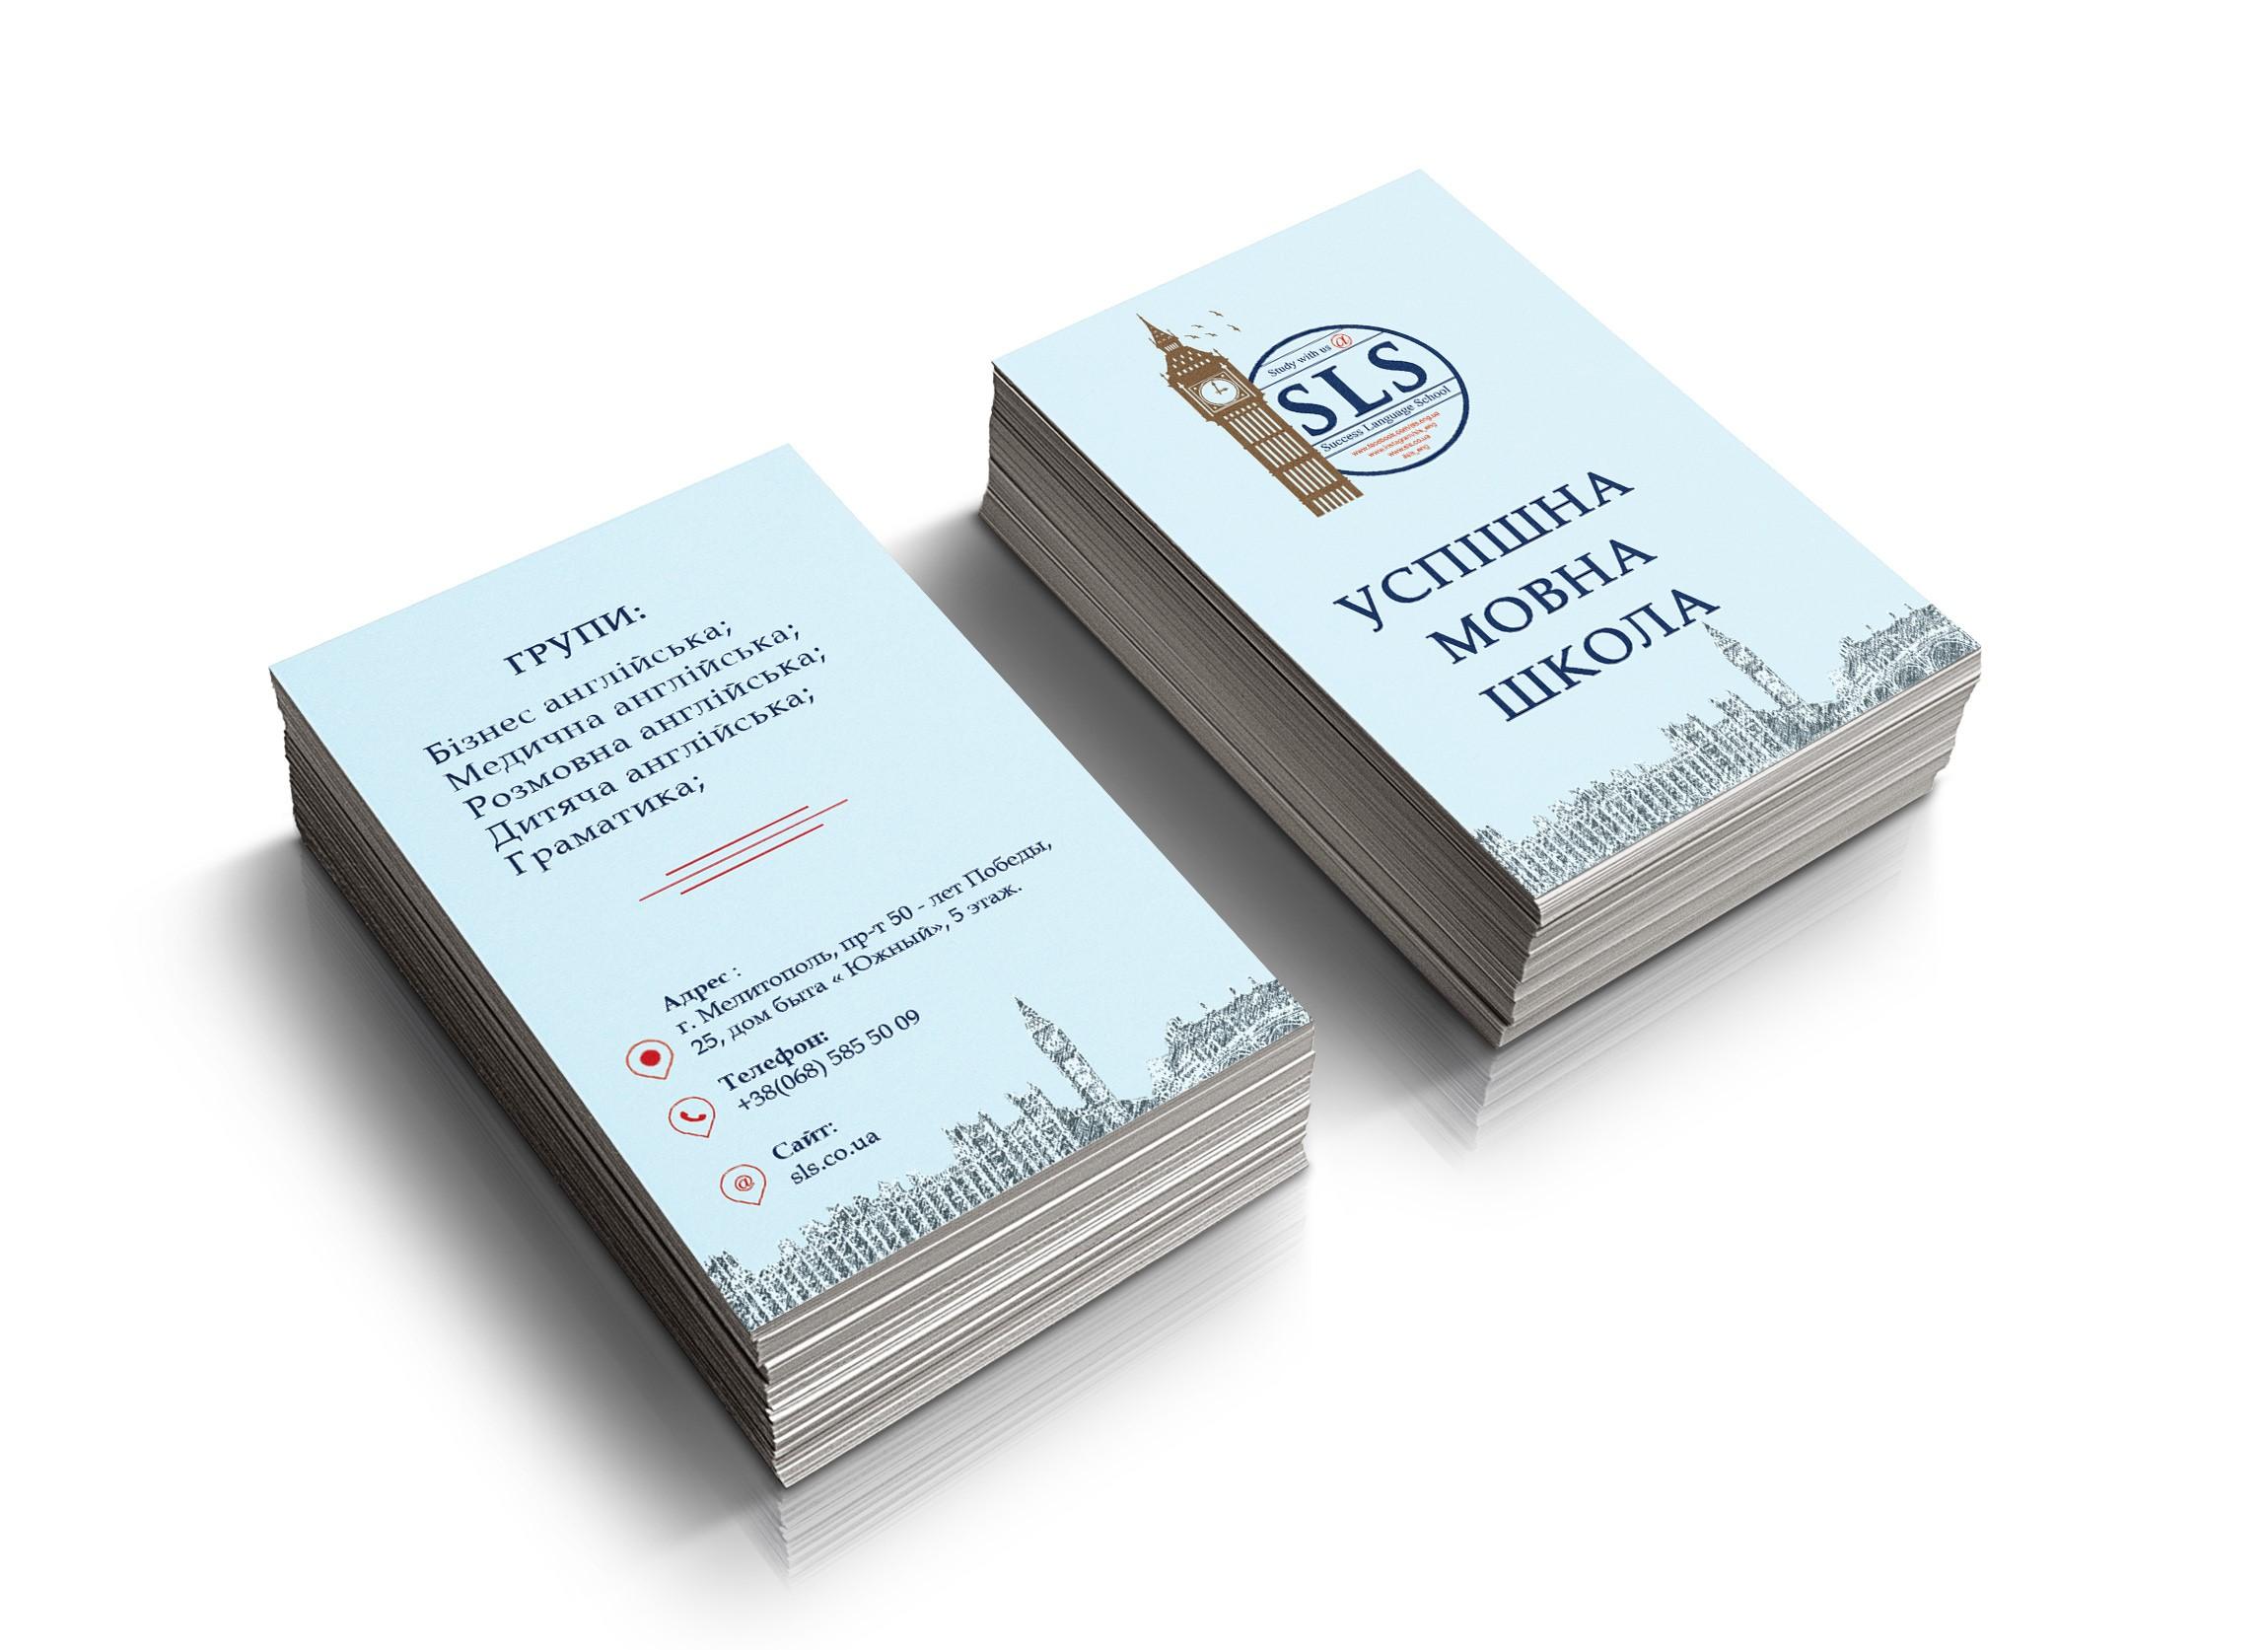 Визитки для интернет-магазина в Москве | фото 2